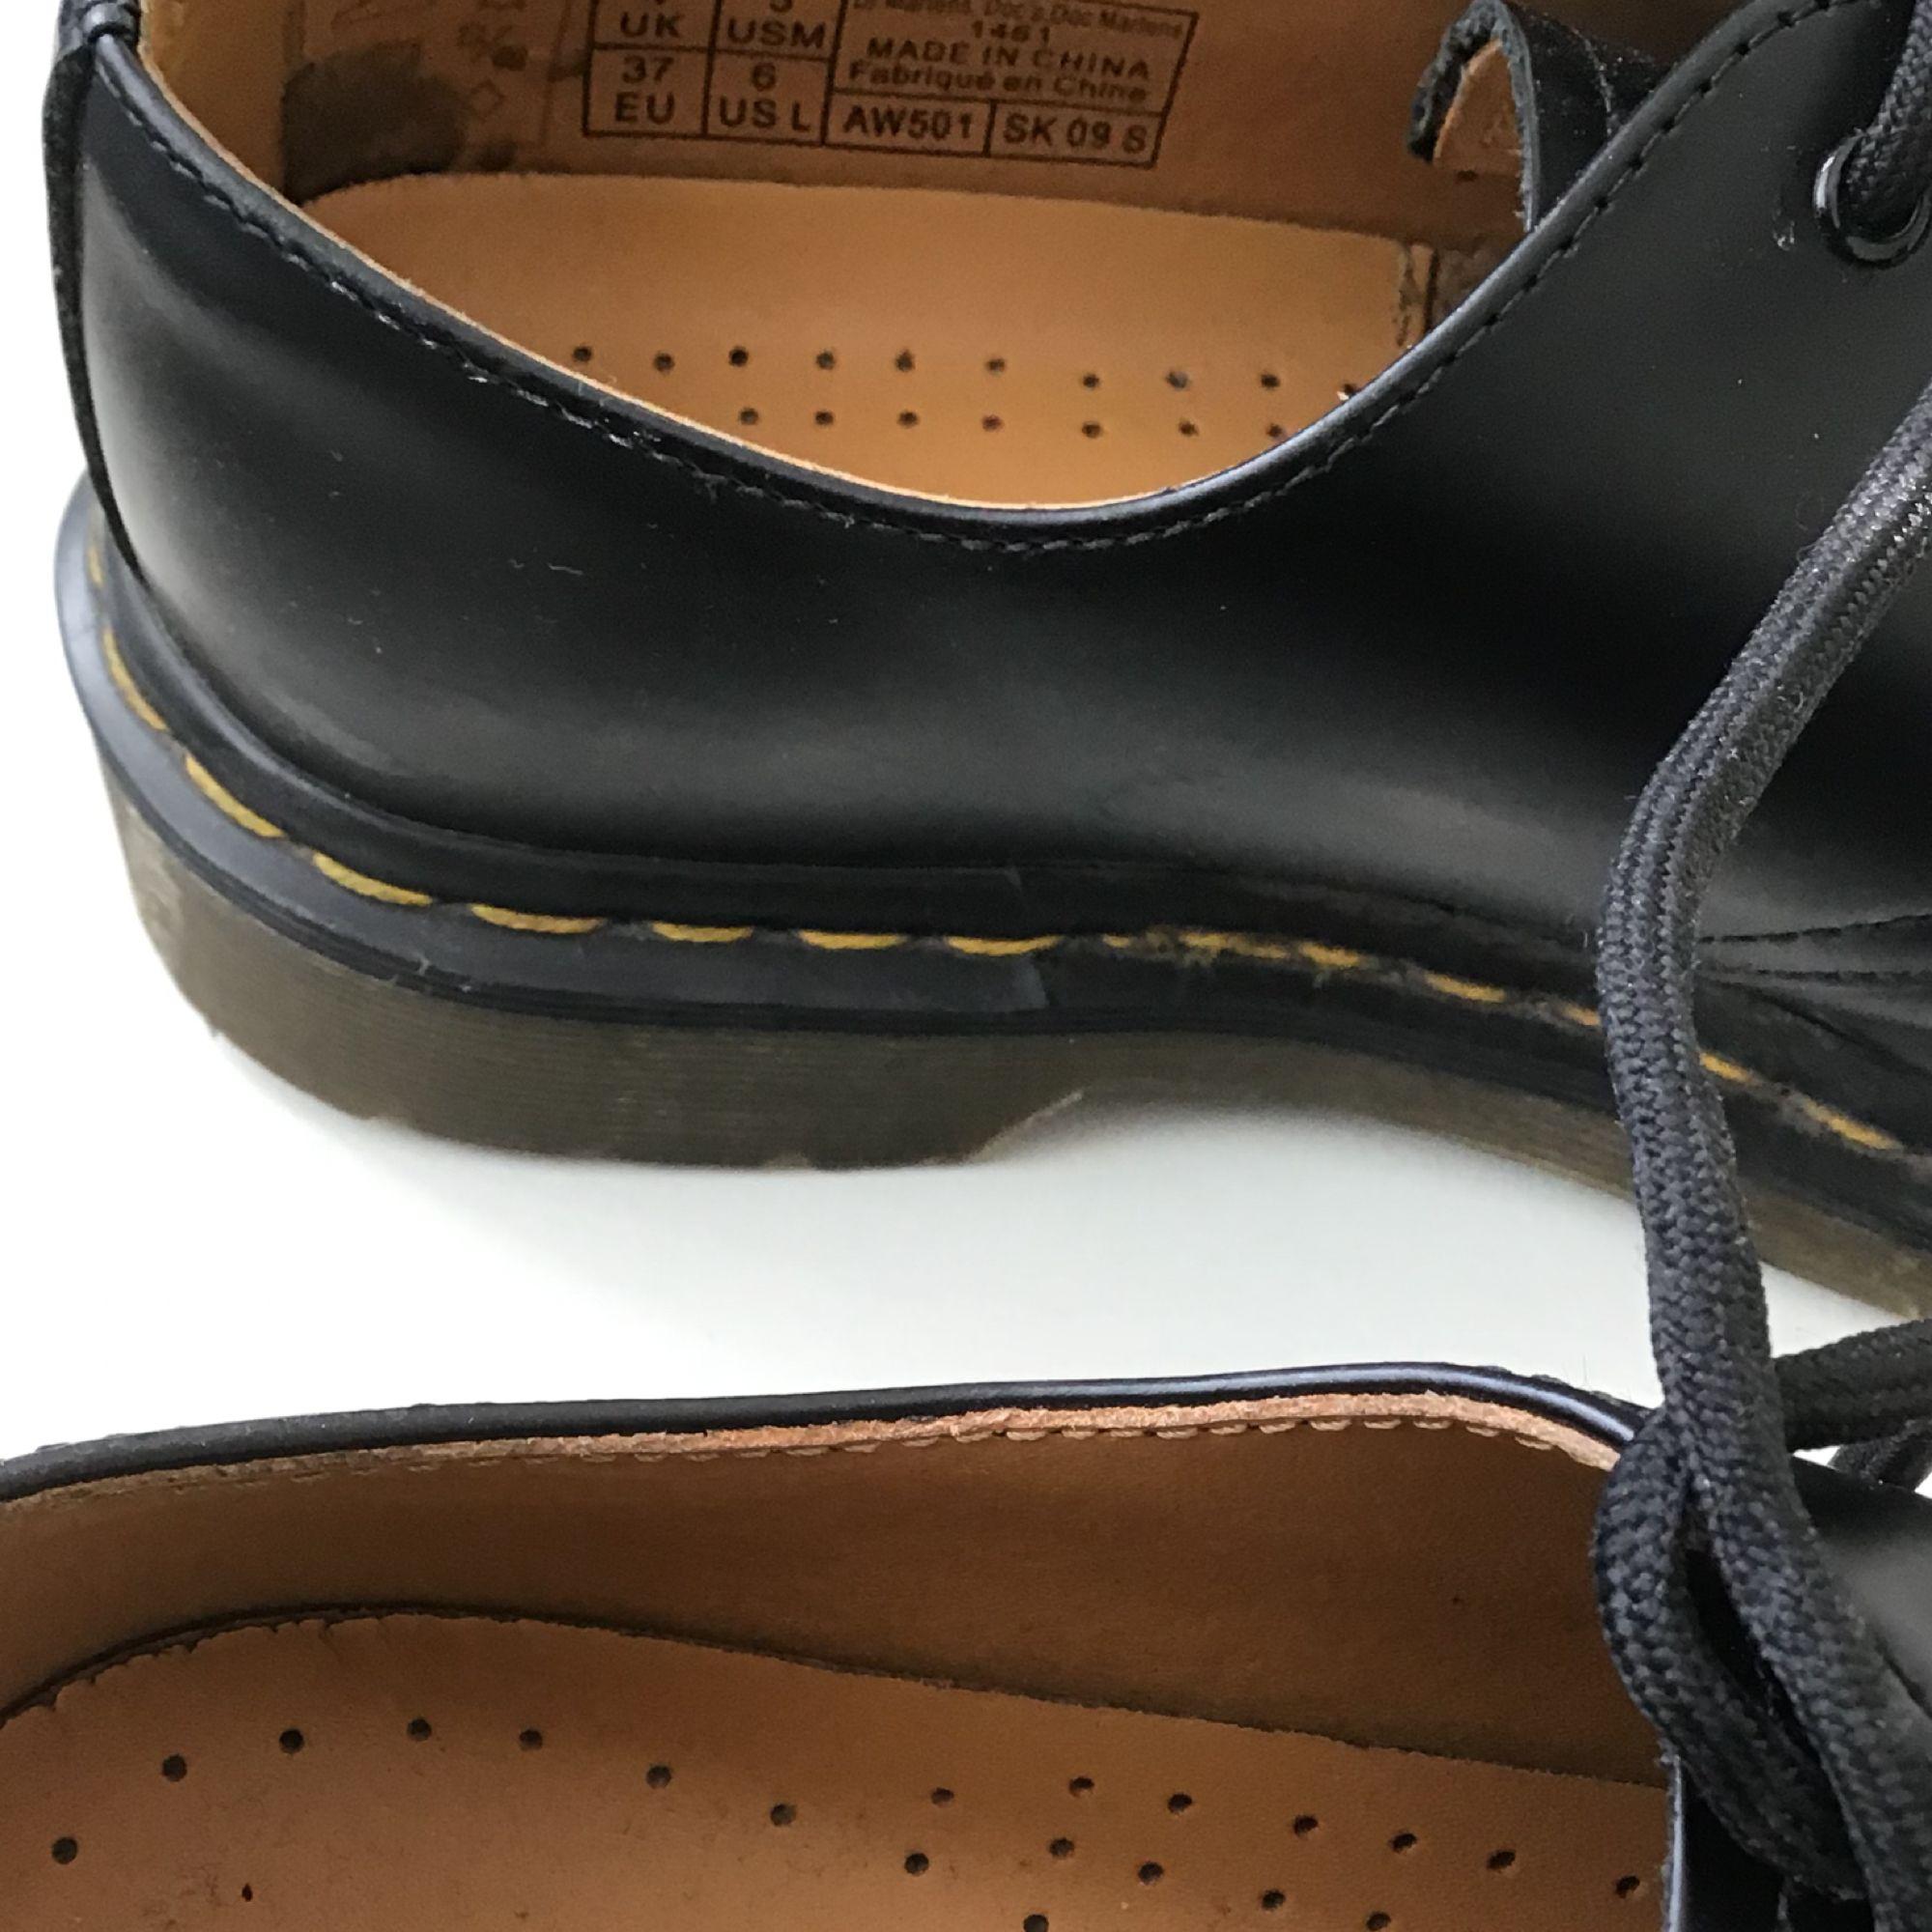 Låga dr Martens bara använda i 3 månader. Fint skick storlek 38 och sköna  Möts upp i Sthlm, köparen står för frakt  Kan skicka fler Bilder eller video 😊. Skor.